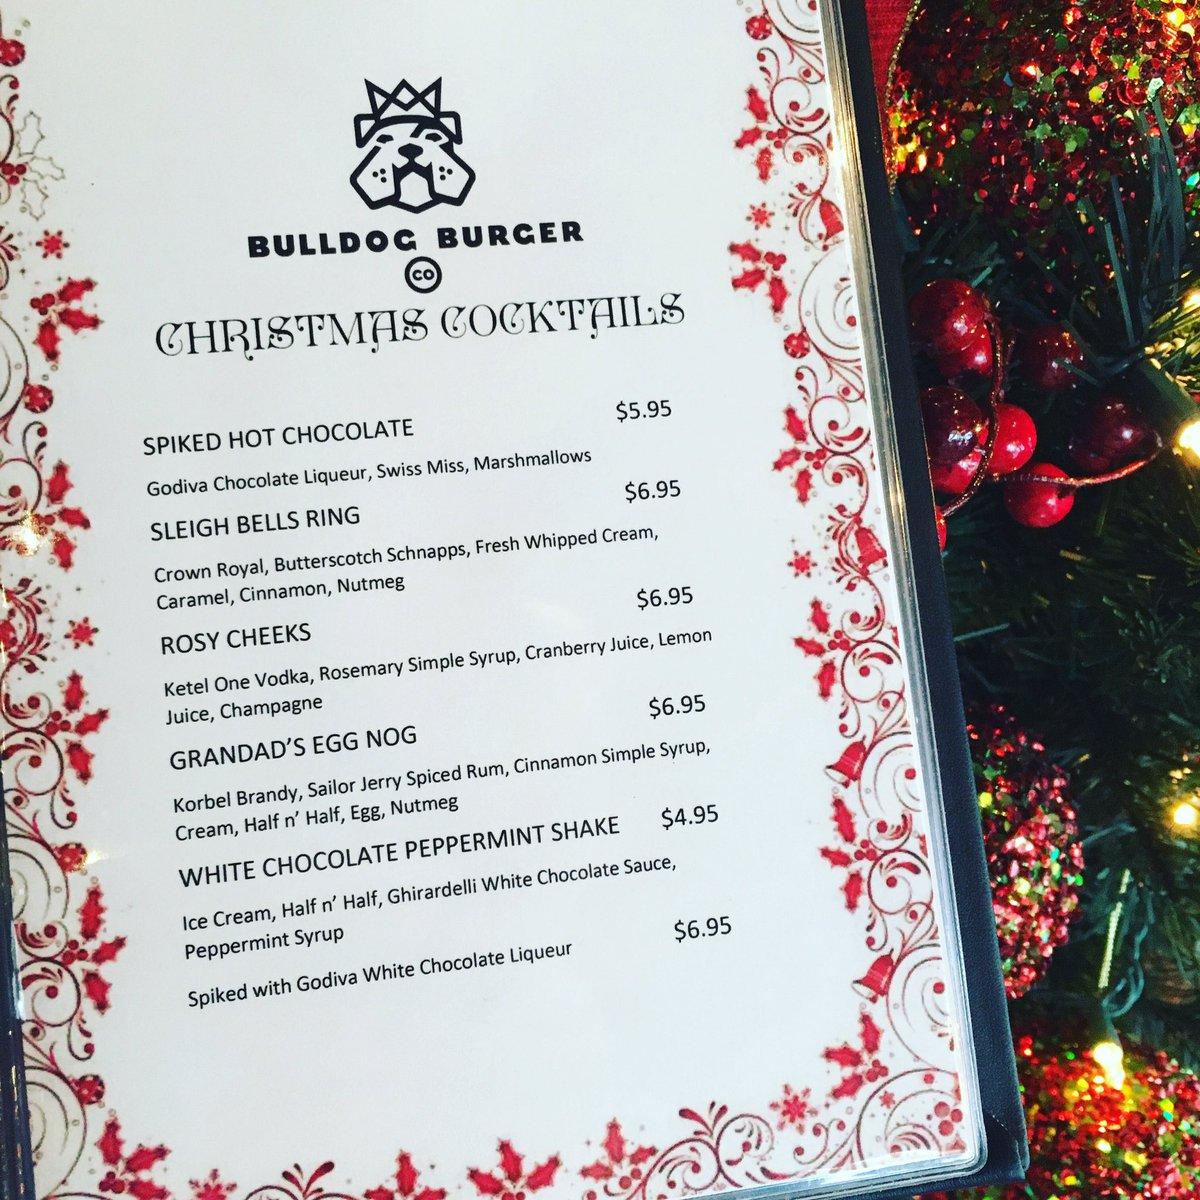 Bulldog Burger Co (@BulldogBurgerCo) | Twitter